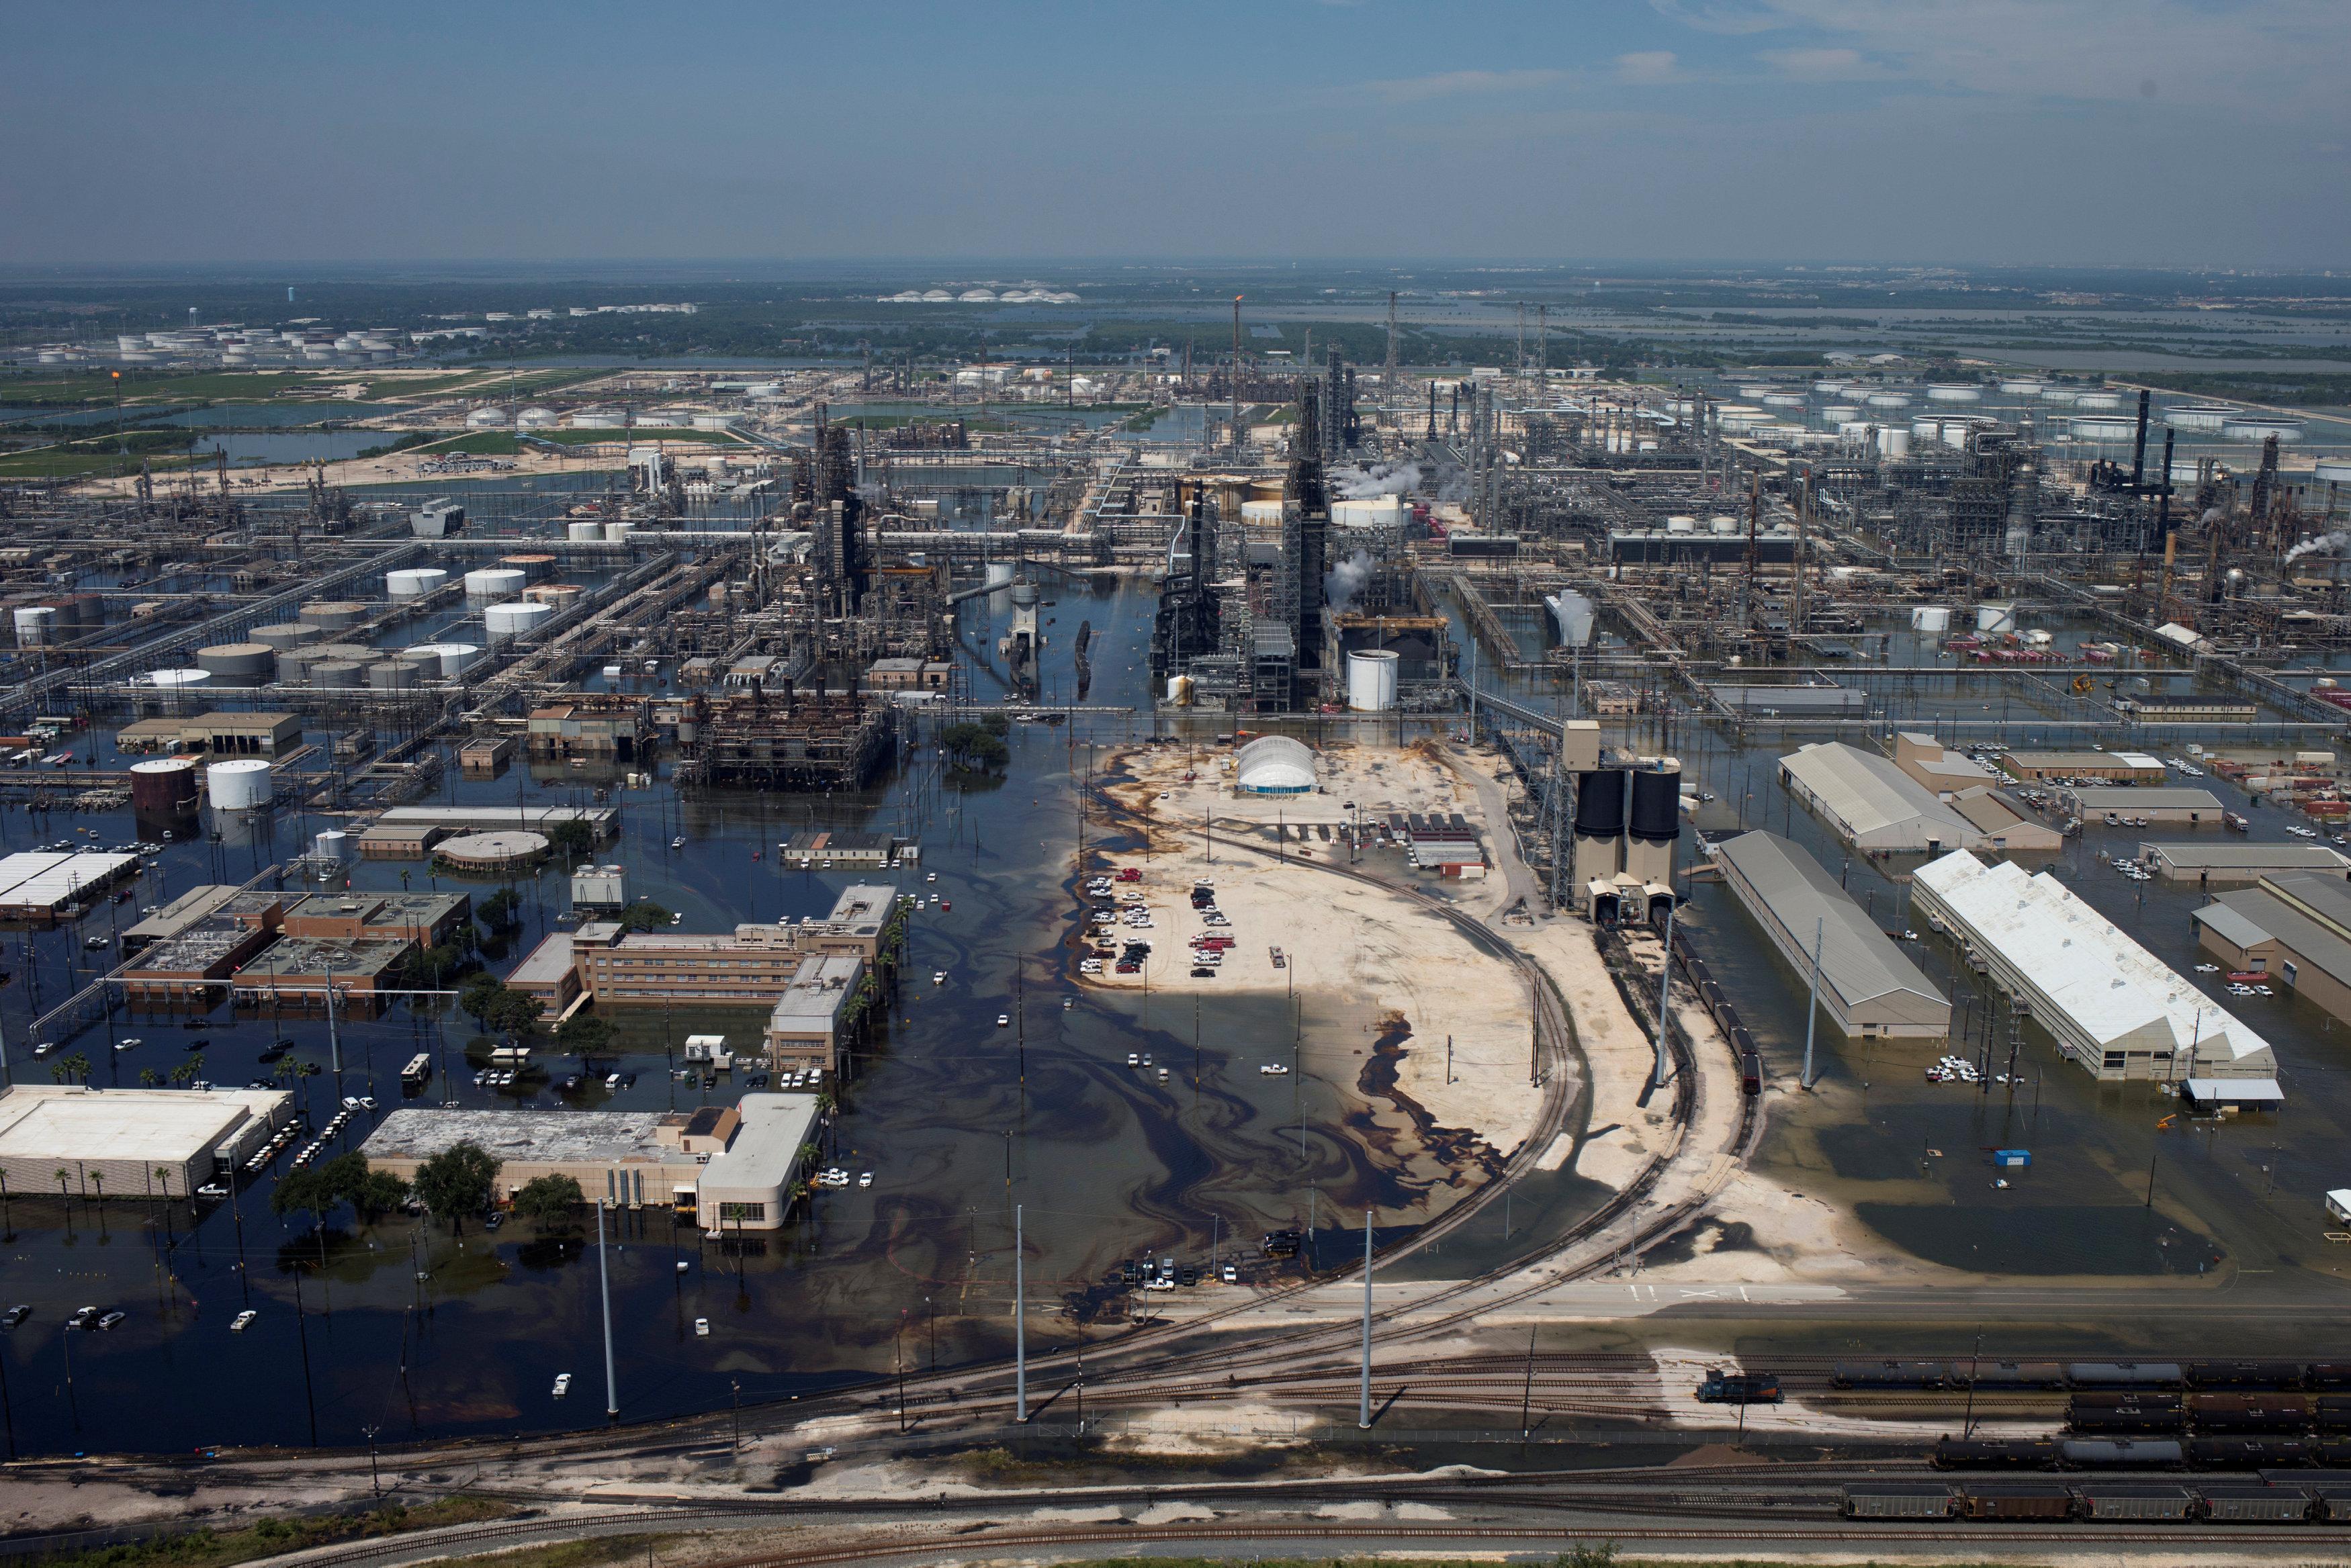 颶風哈維去年挾著豪雨侵襲美南,德州亞瑟港的煉油廠泡在洪水裡。(美聯社)